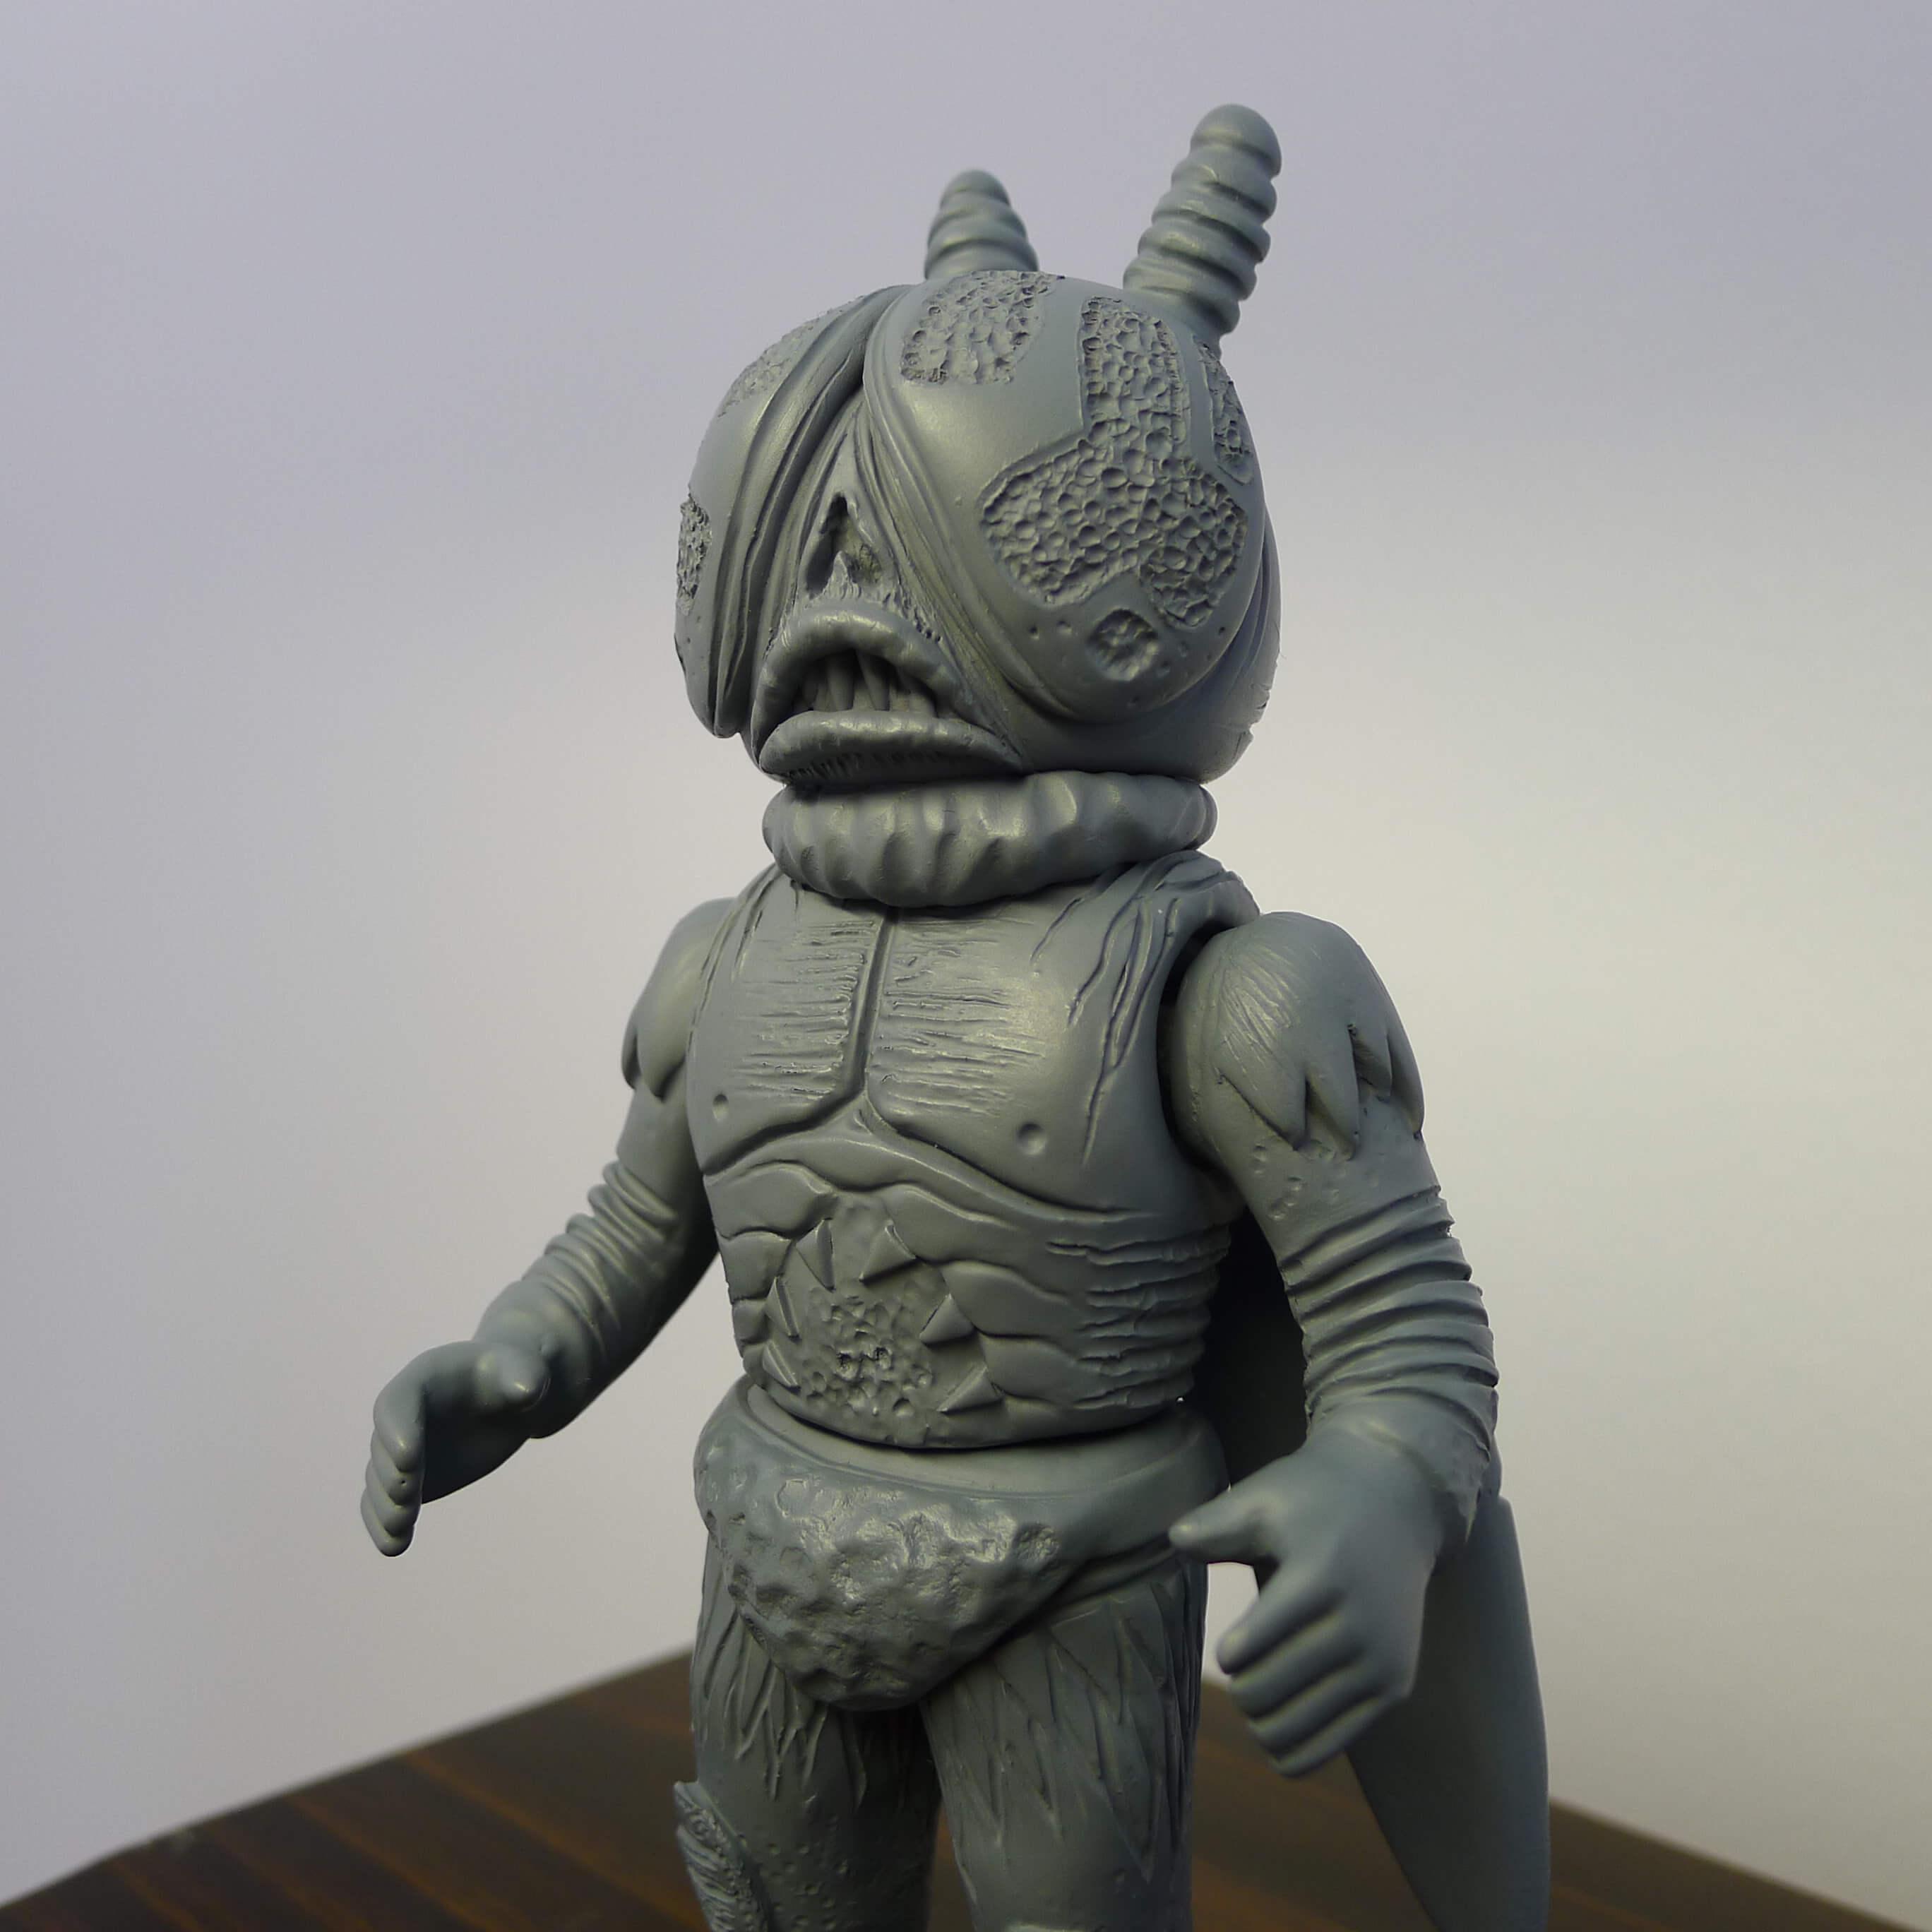 Brent Nolasco's Insecticide Sculpt Reveal